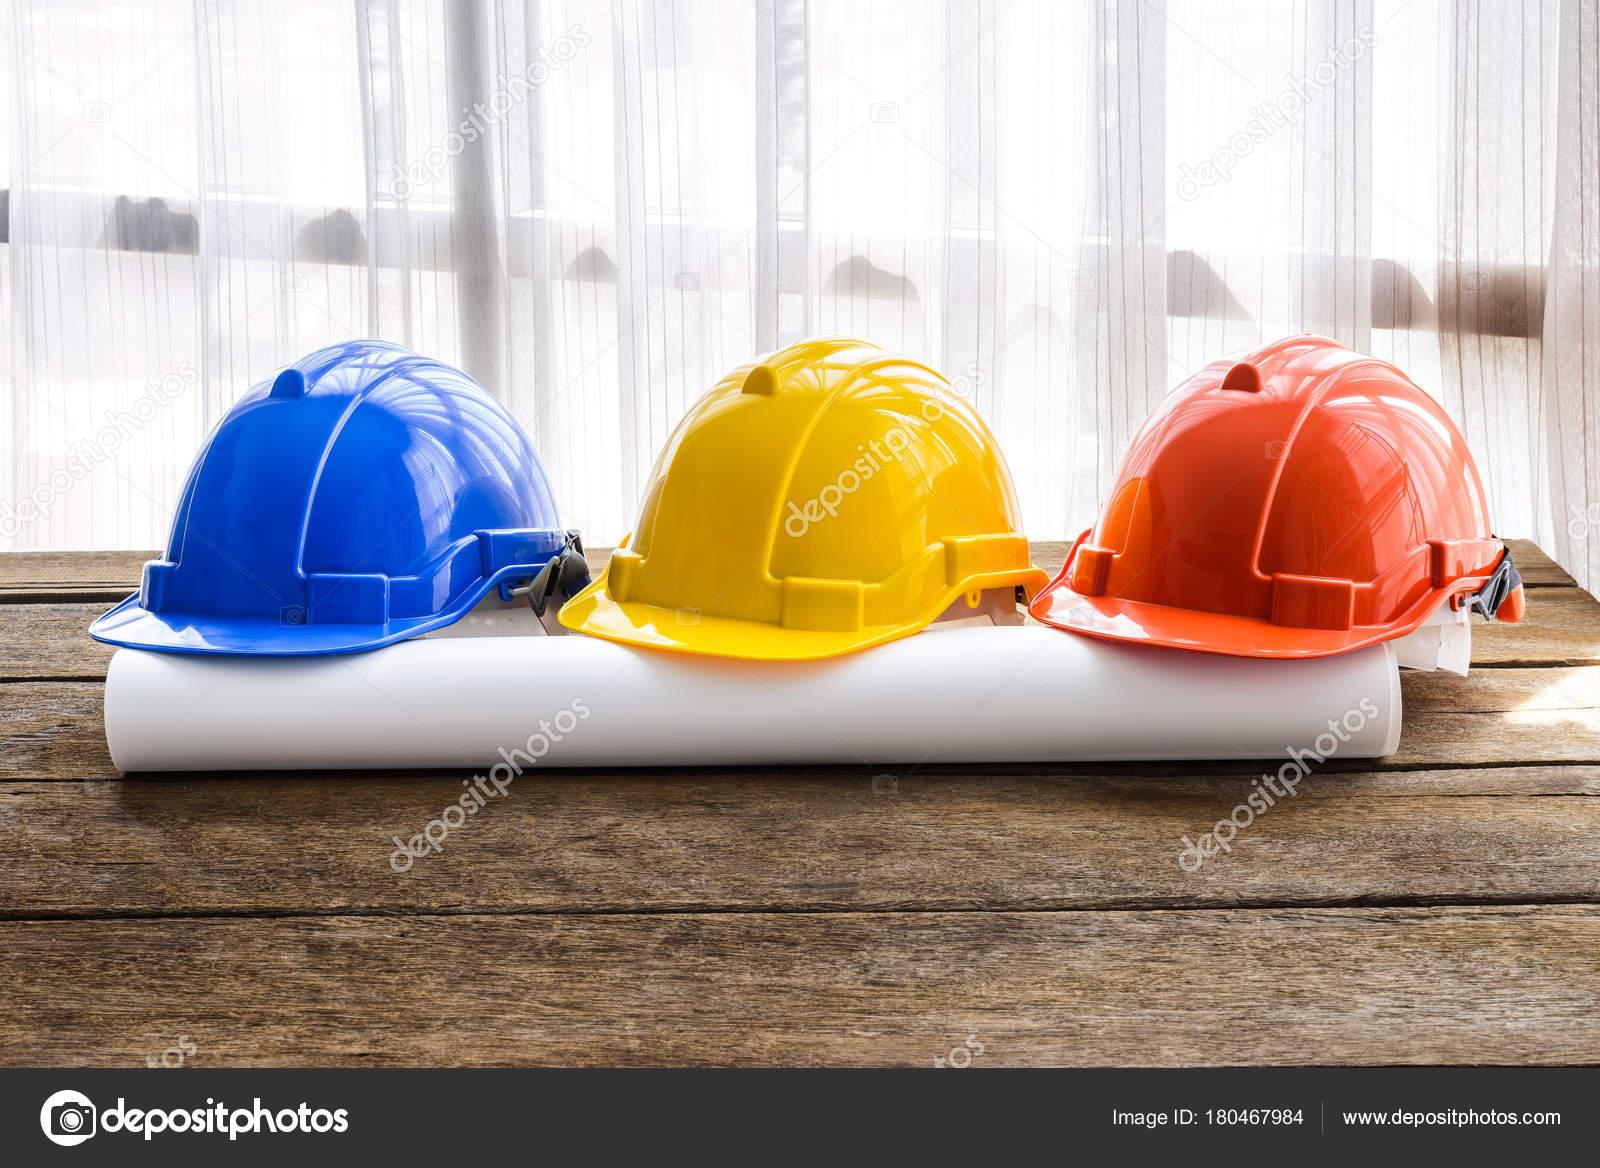 Chapeau Construction Casque Securite Dur Orange Jaune Bleu Pour